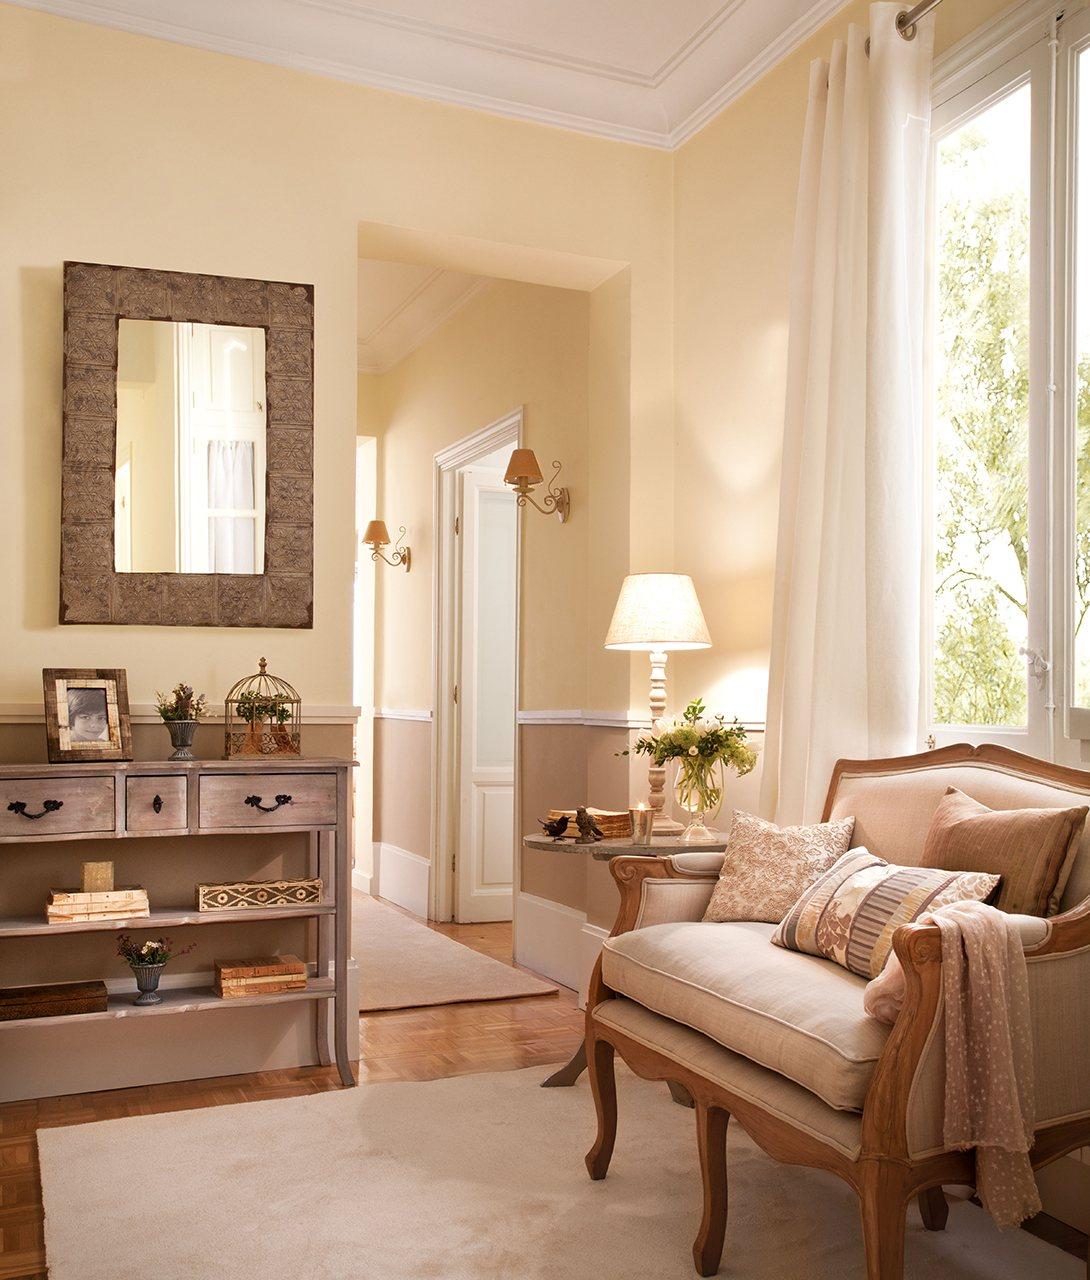 Recibidores feng shui - Ideas para decorar interiores ...